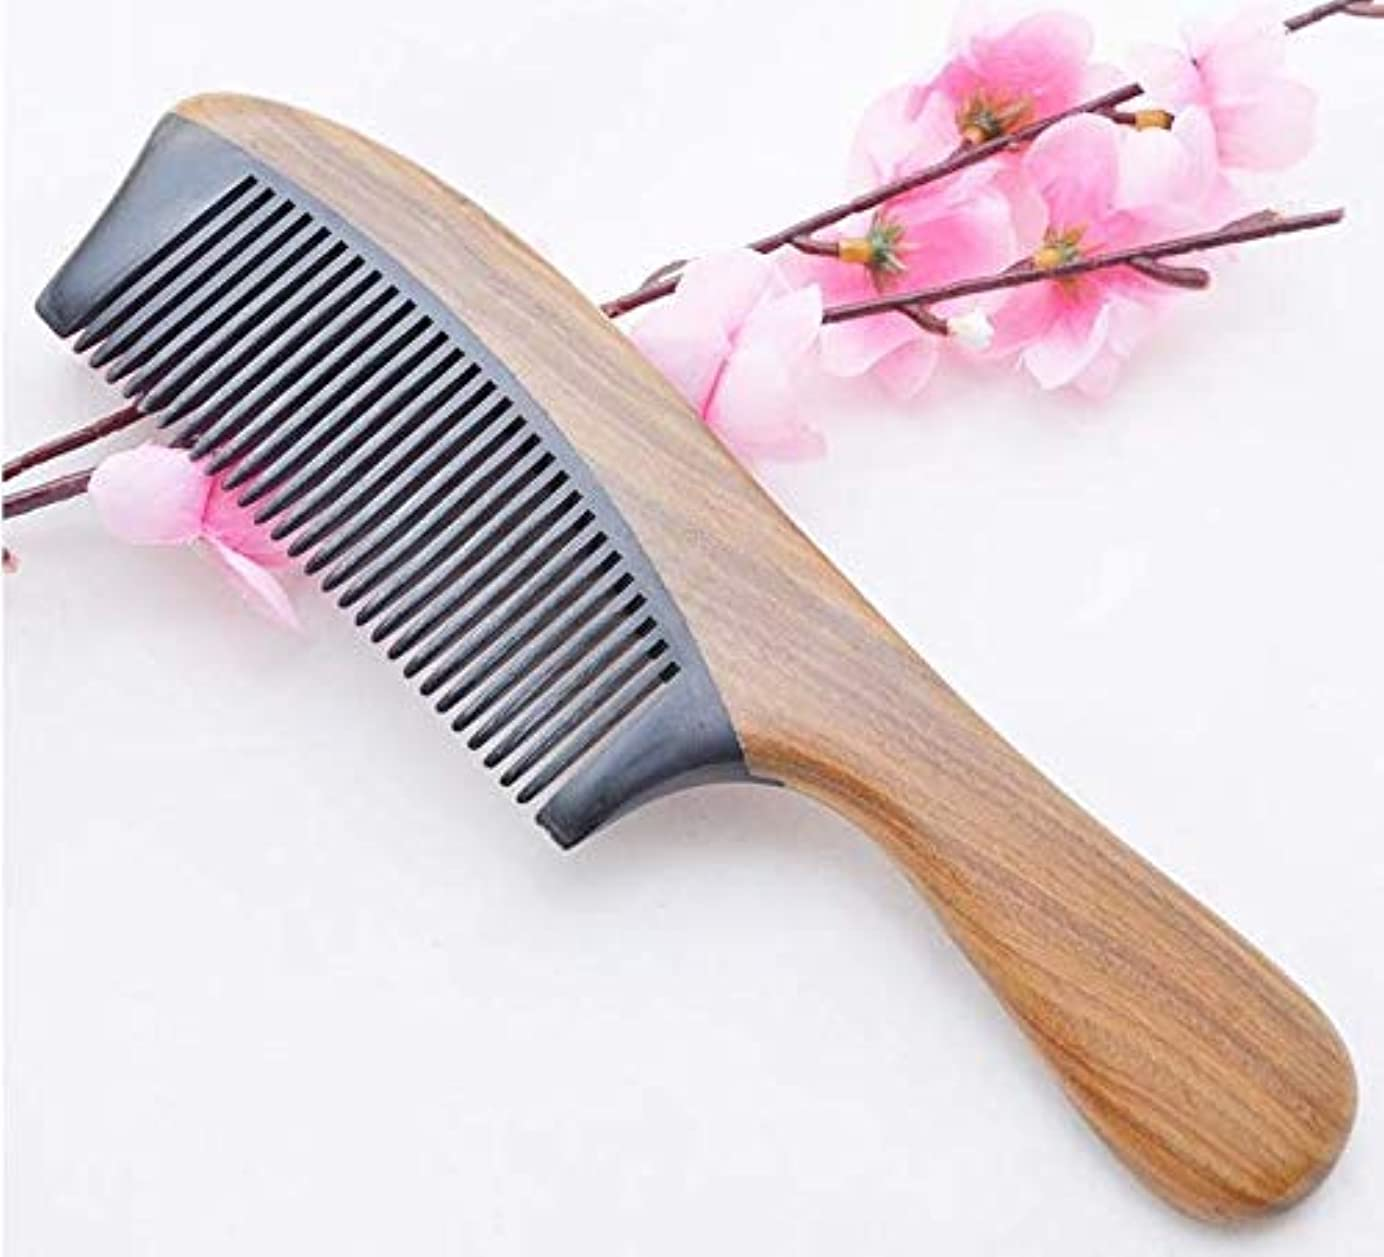 後男米ドルNatural Green Sandalwood Ox Horn Wood Anti Static Hair Beard Comb Care Handle高級櫛木製 ヘアブラシ 静電気防止櫛 100% 天然くし頭皮&肩&...